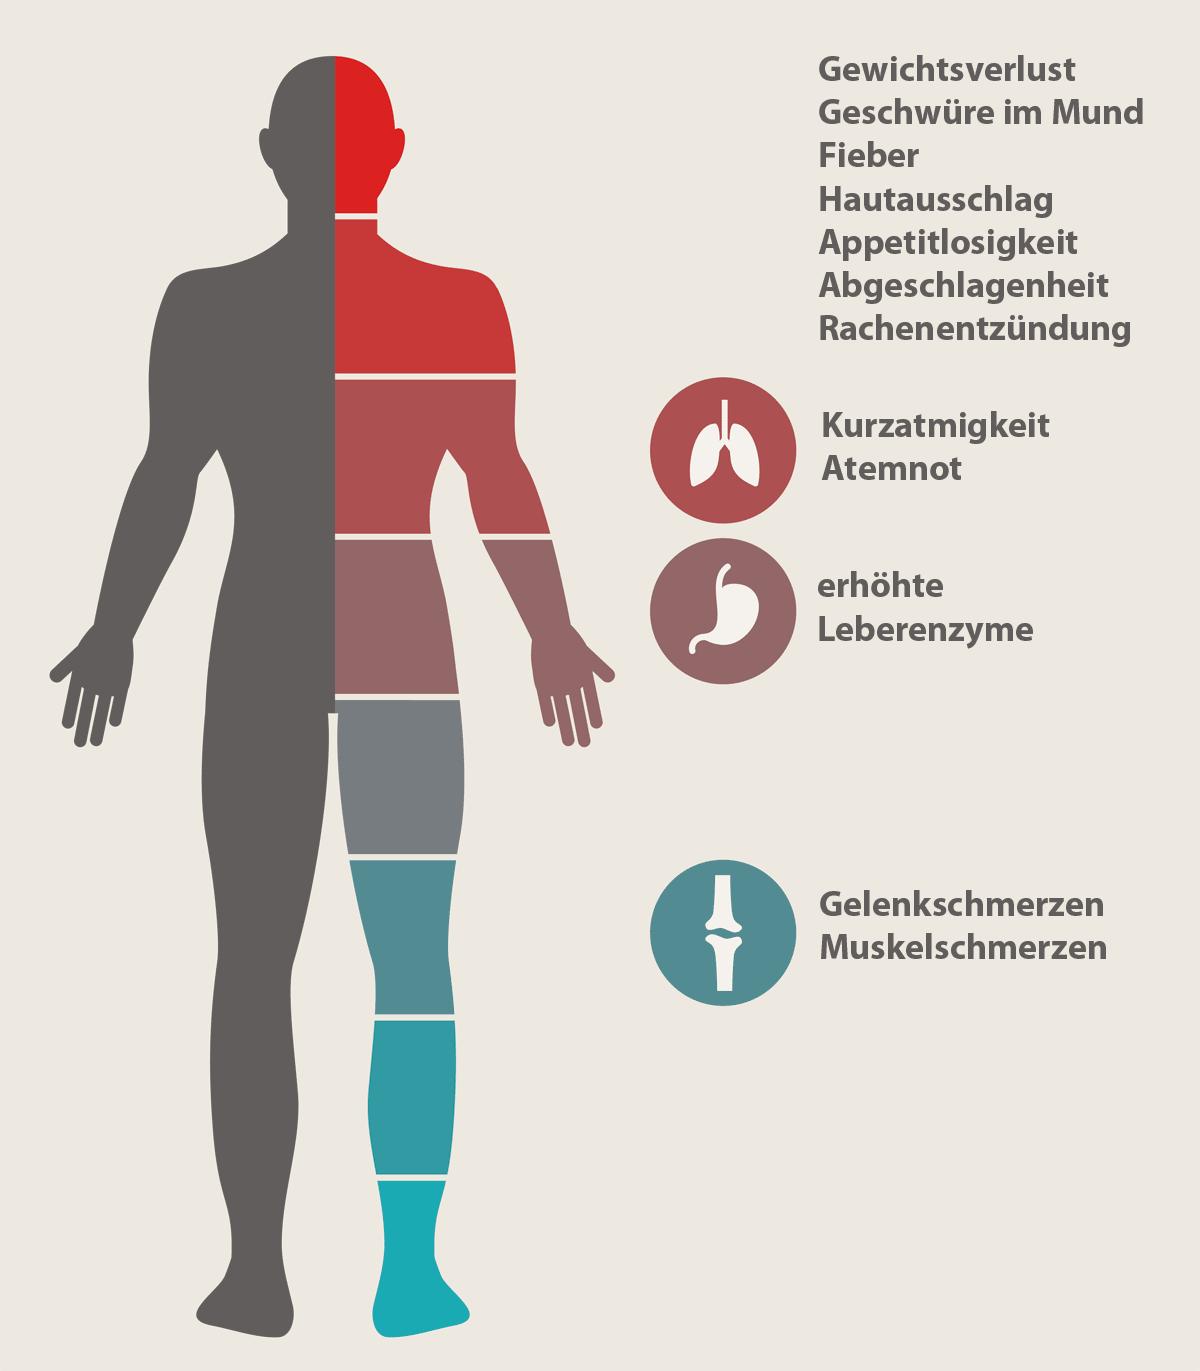 Niedrige weiße Blutkörperchen und plötzlicher Gewichtsverlust